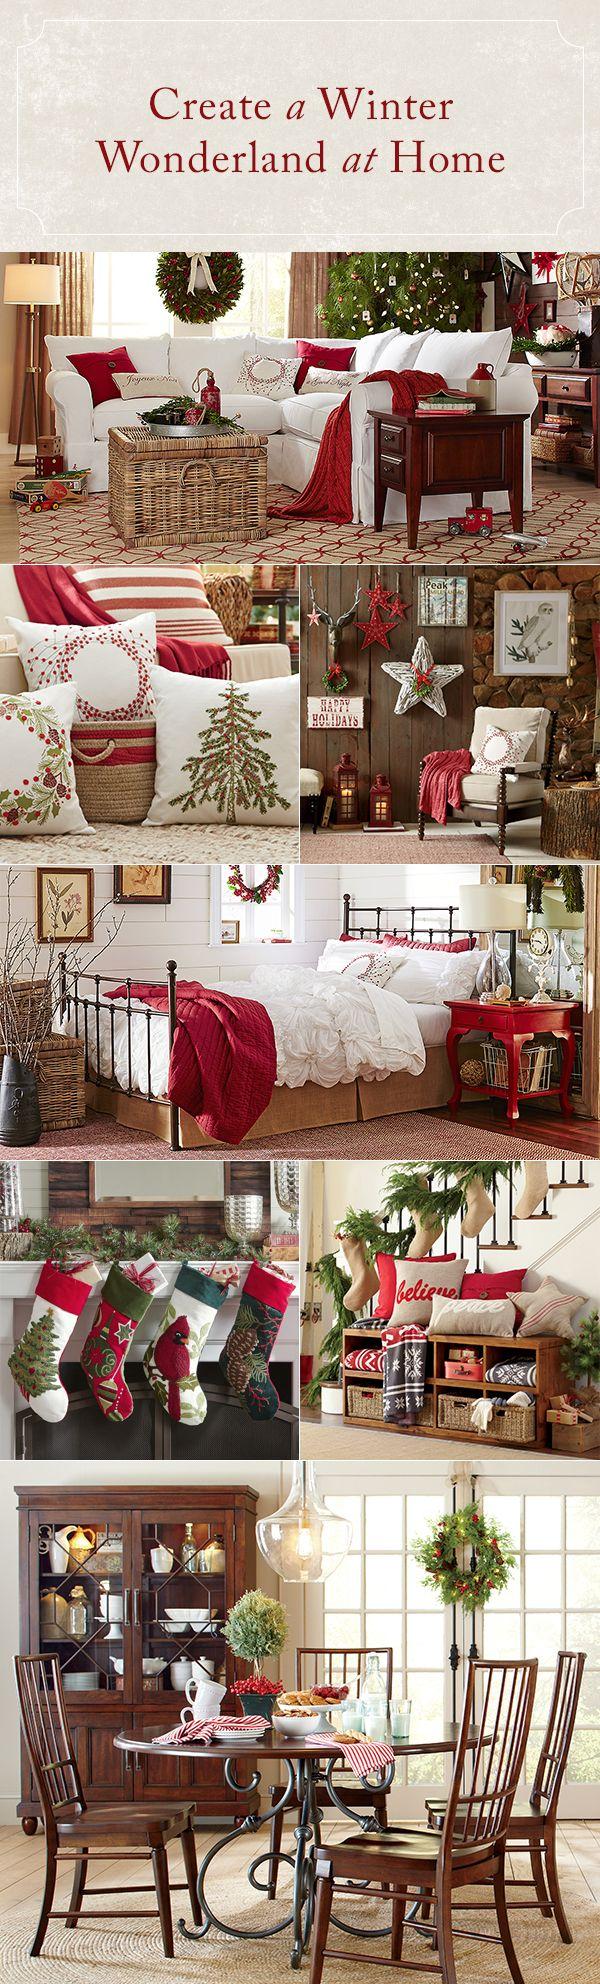 Rustic Cabin Decorating Ideas Preferred Home Design